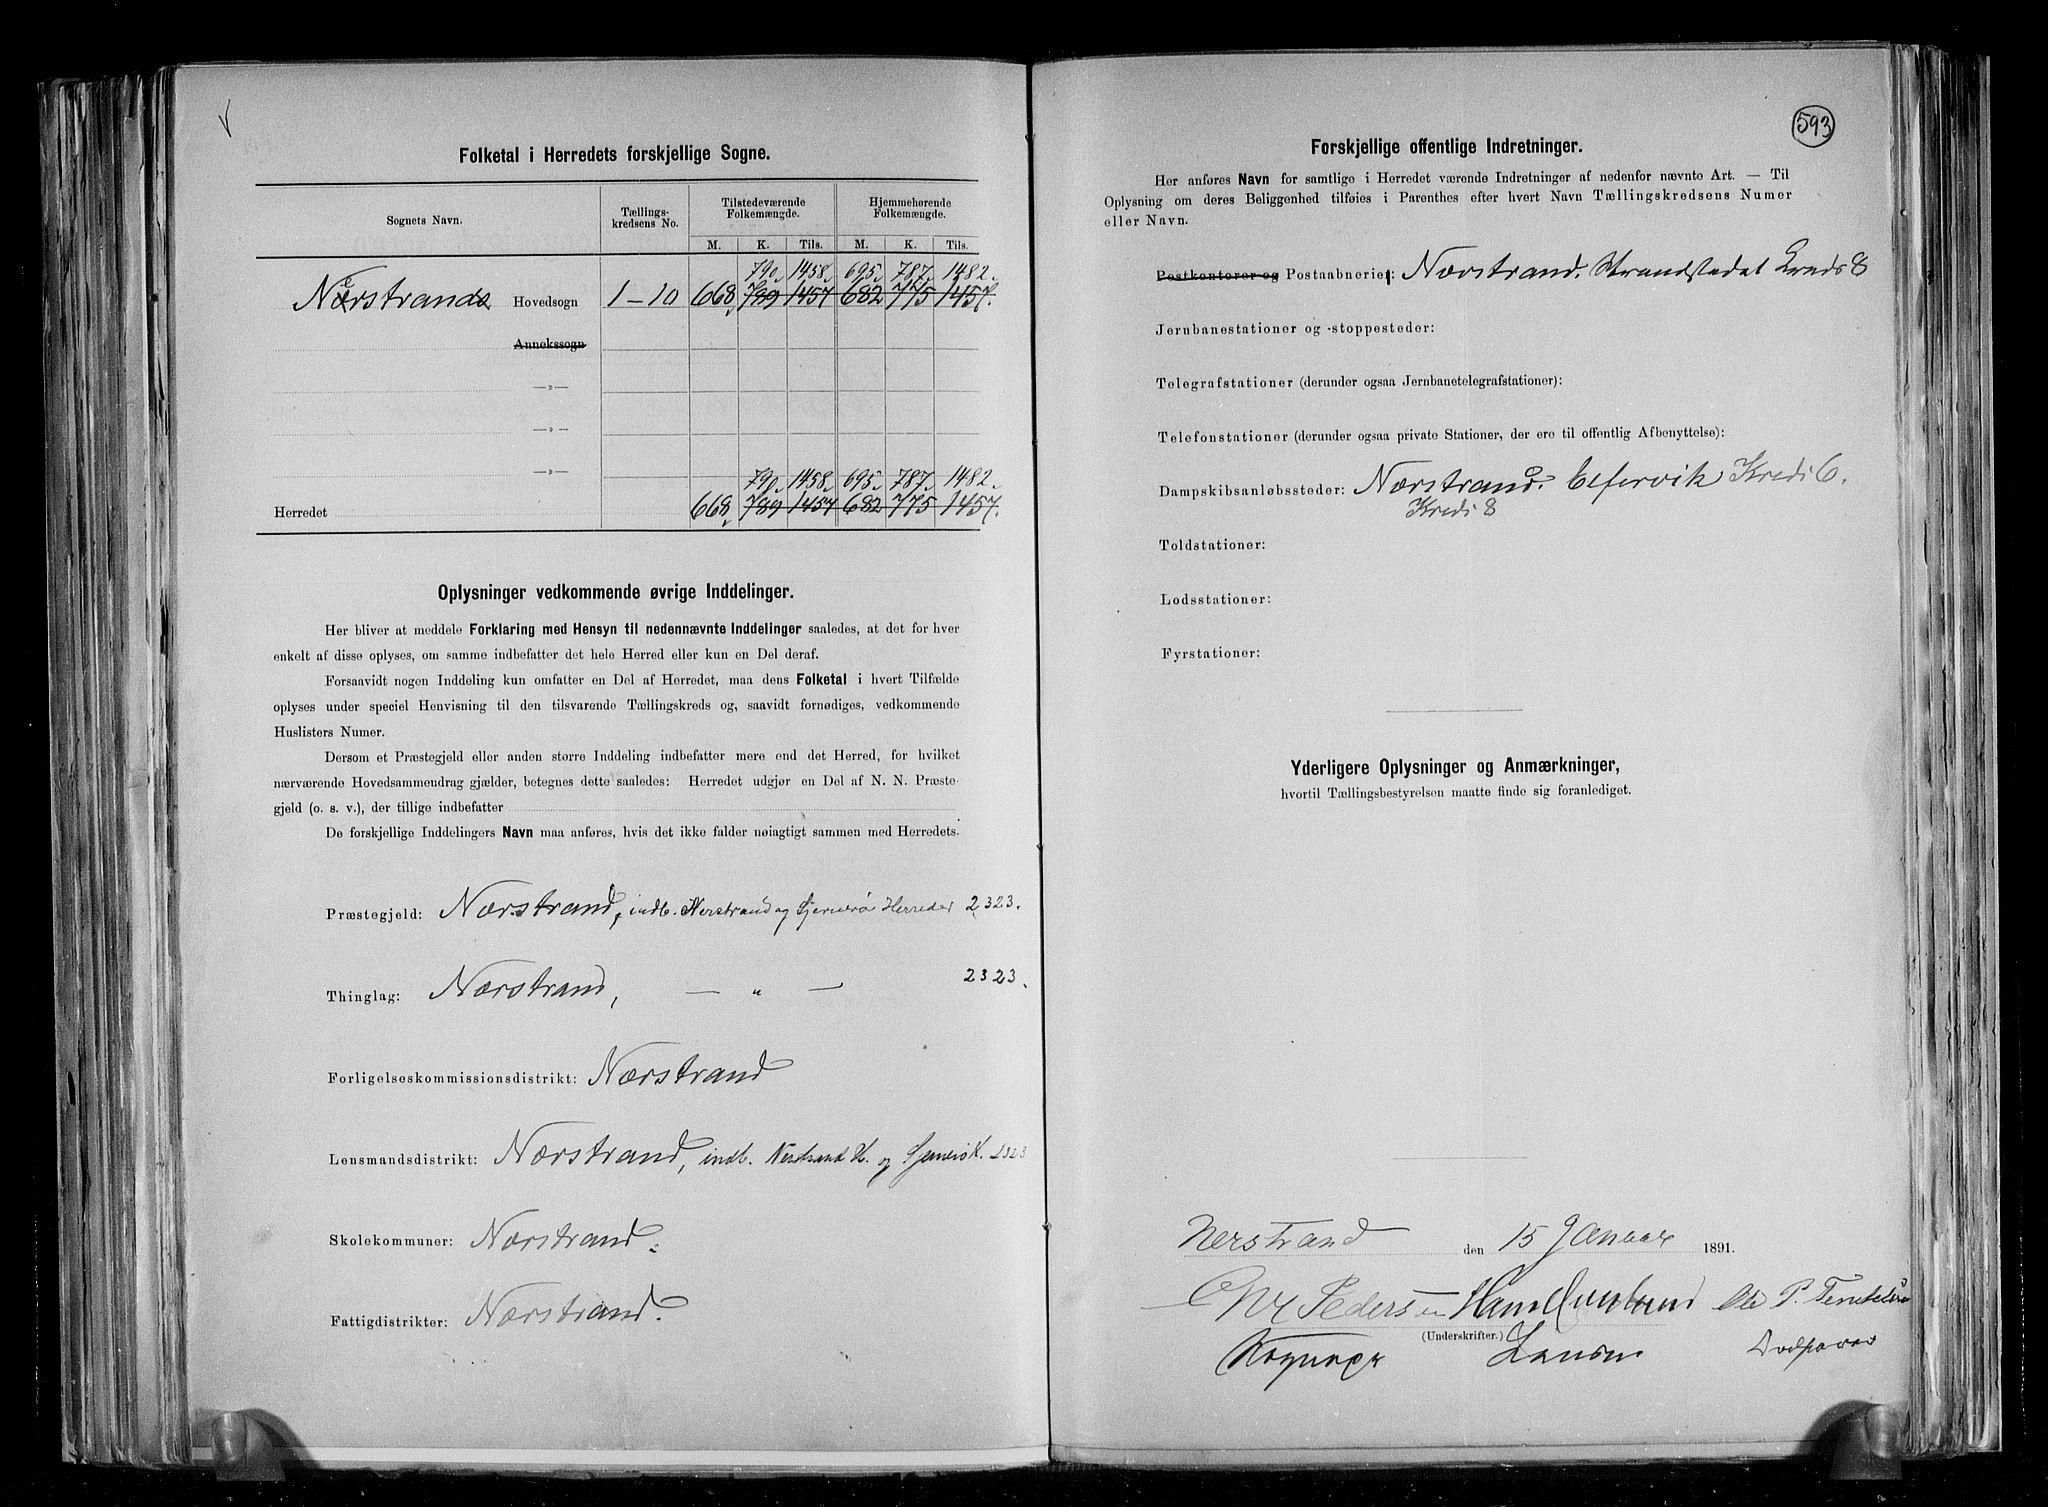 RA, Folketelling 1891 for 1139 Nedstrand herred, 1891, s. 3